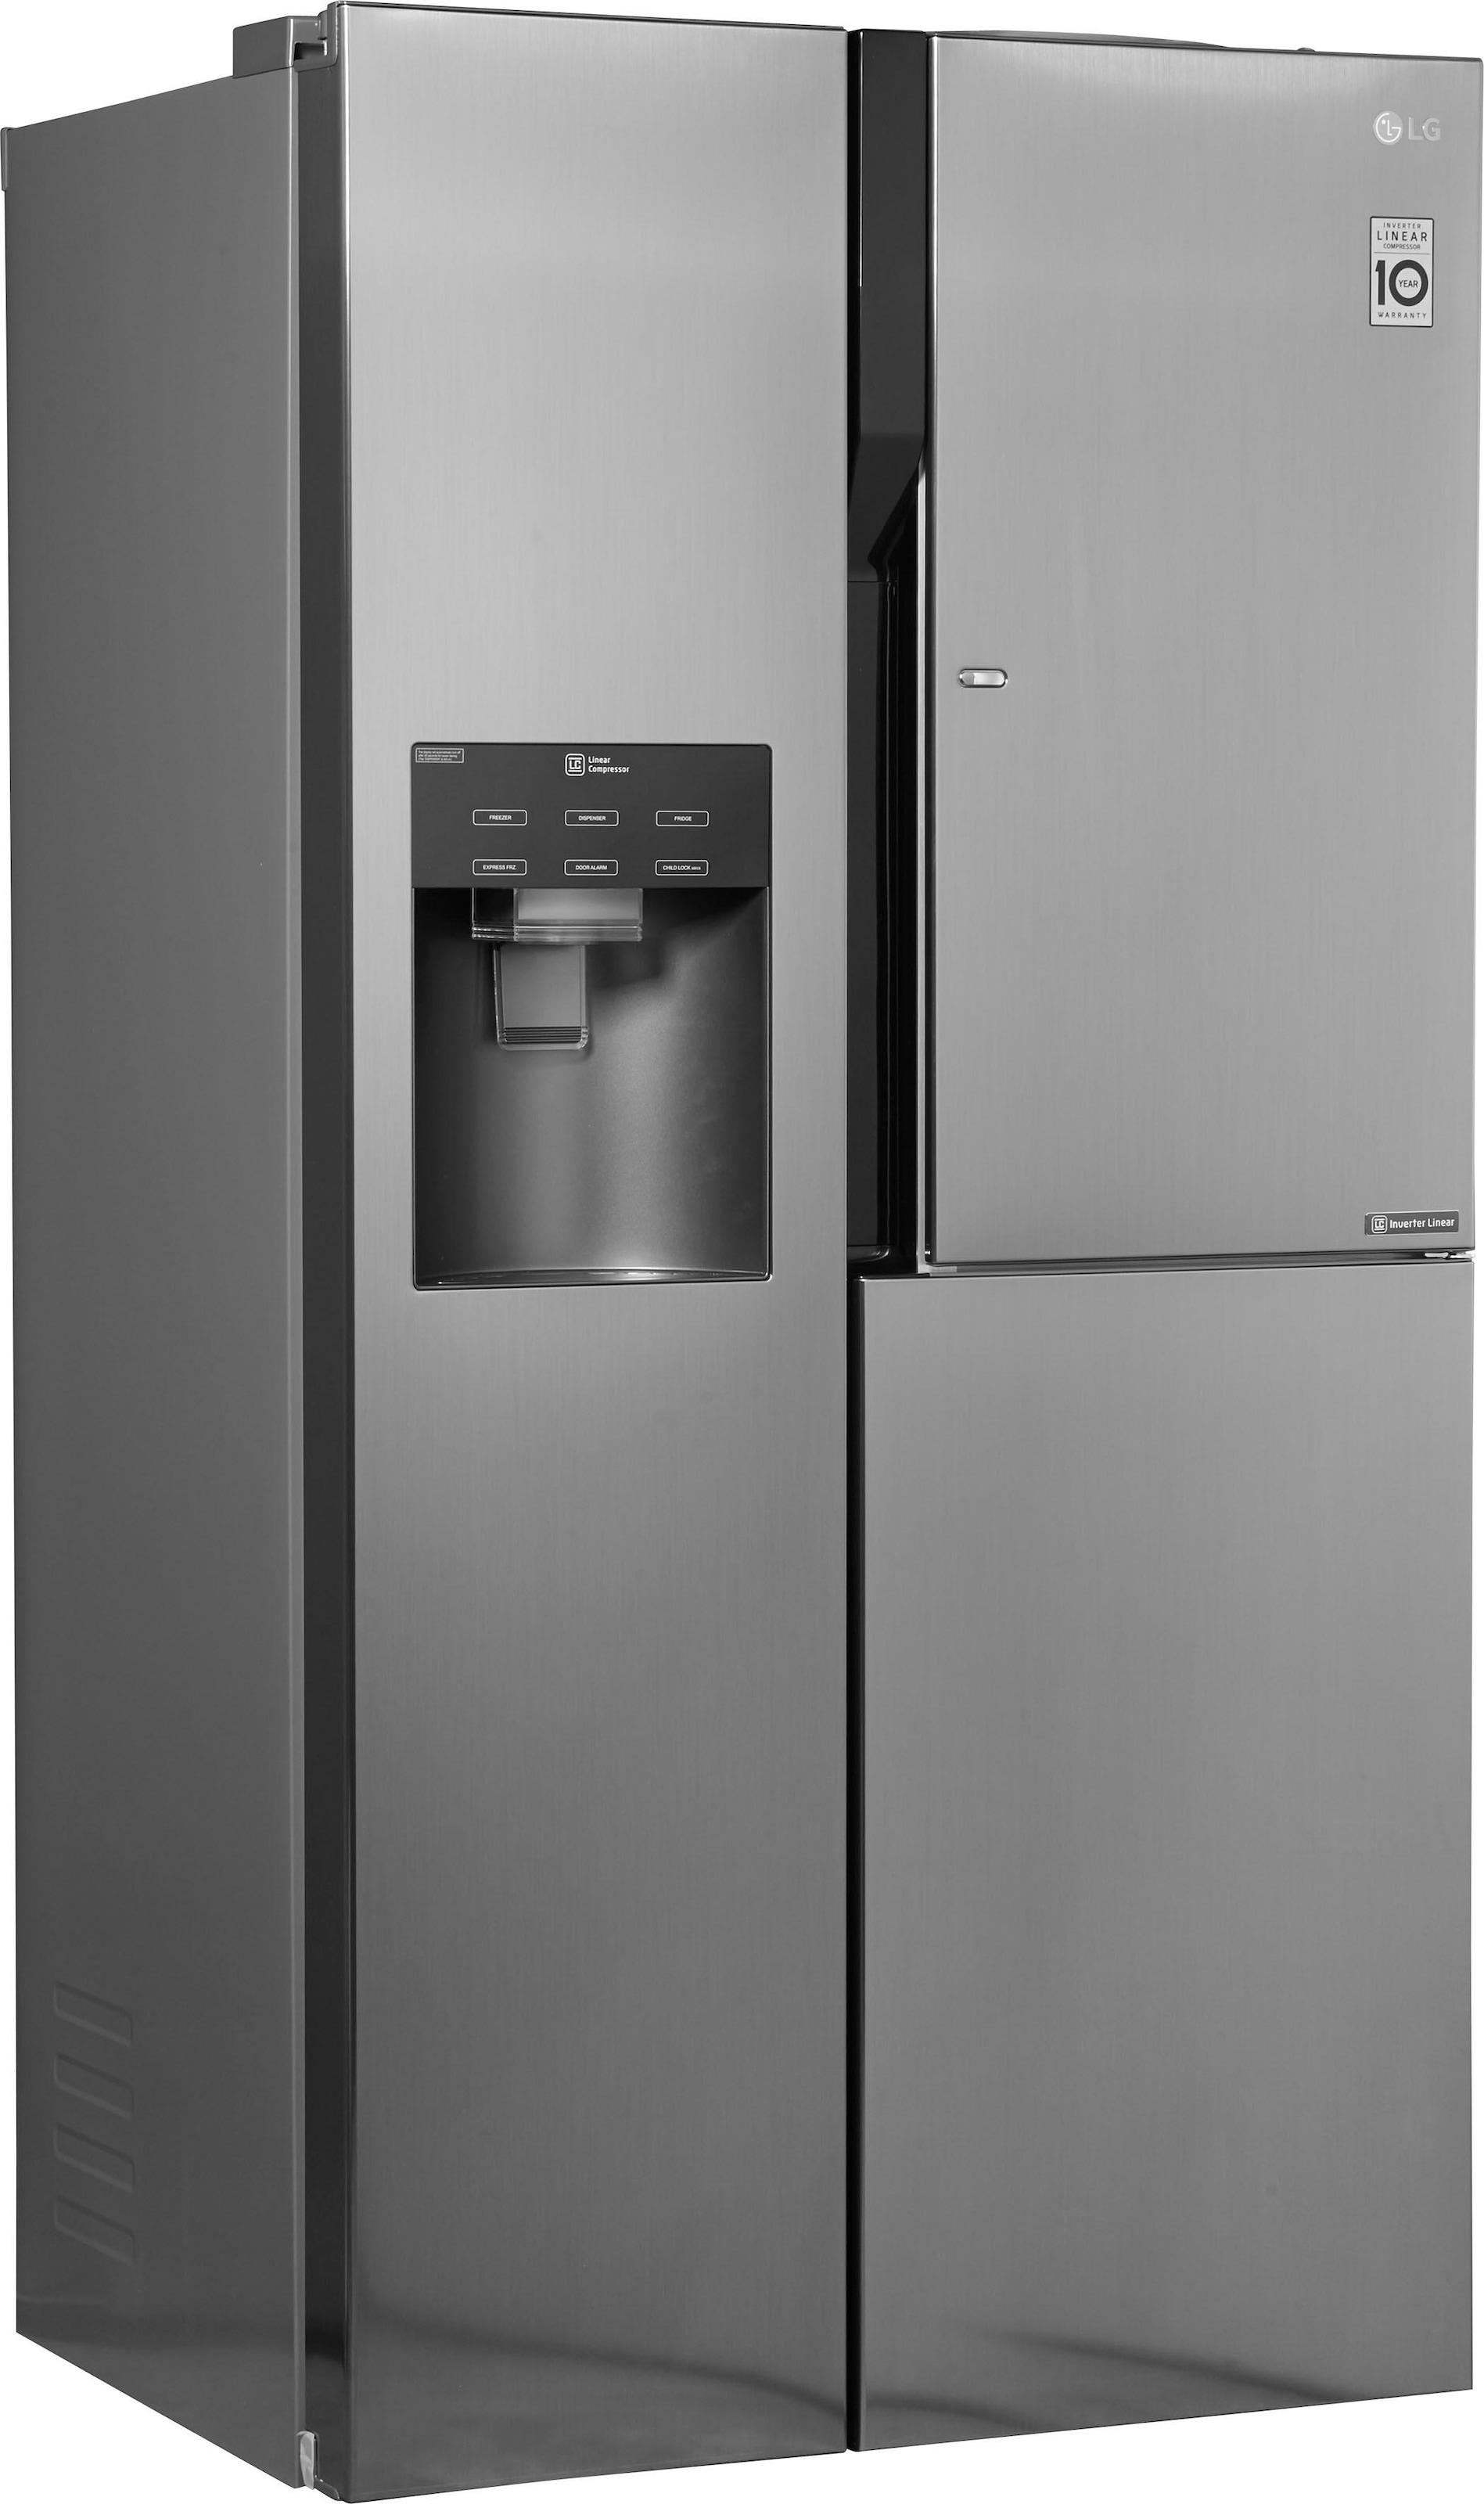 Kühlschrank Und Gefrierschrank Side By Side : Side by side kühlschrank auf rechnung raten kaufen